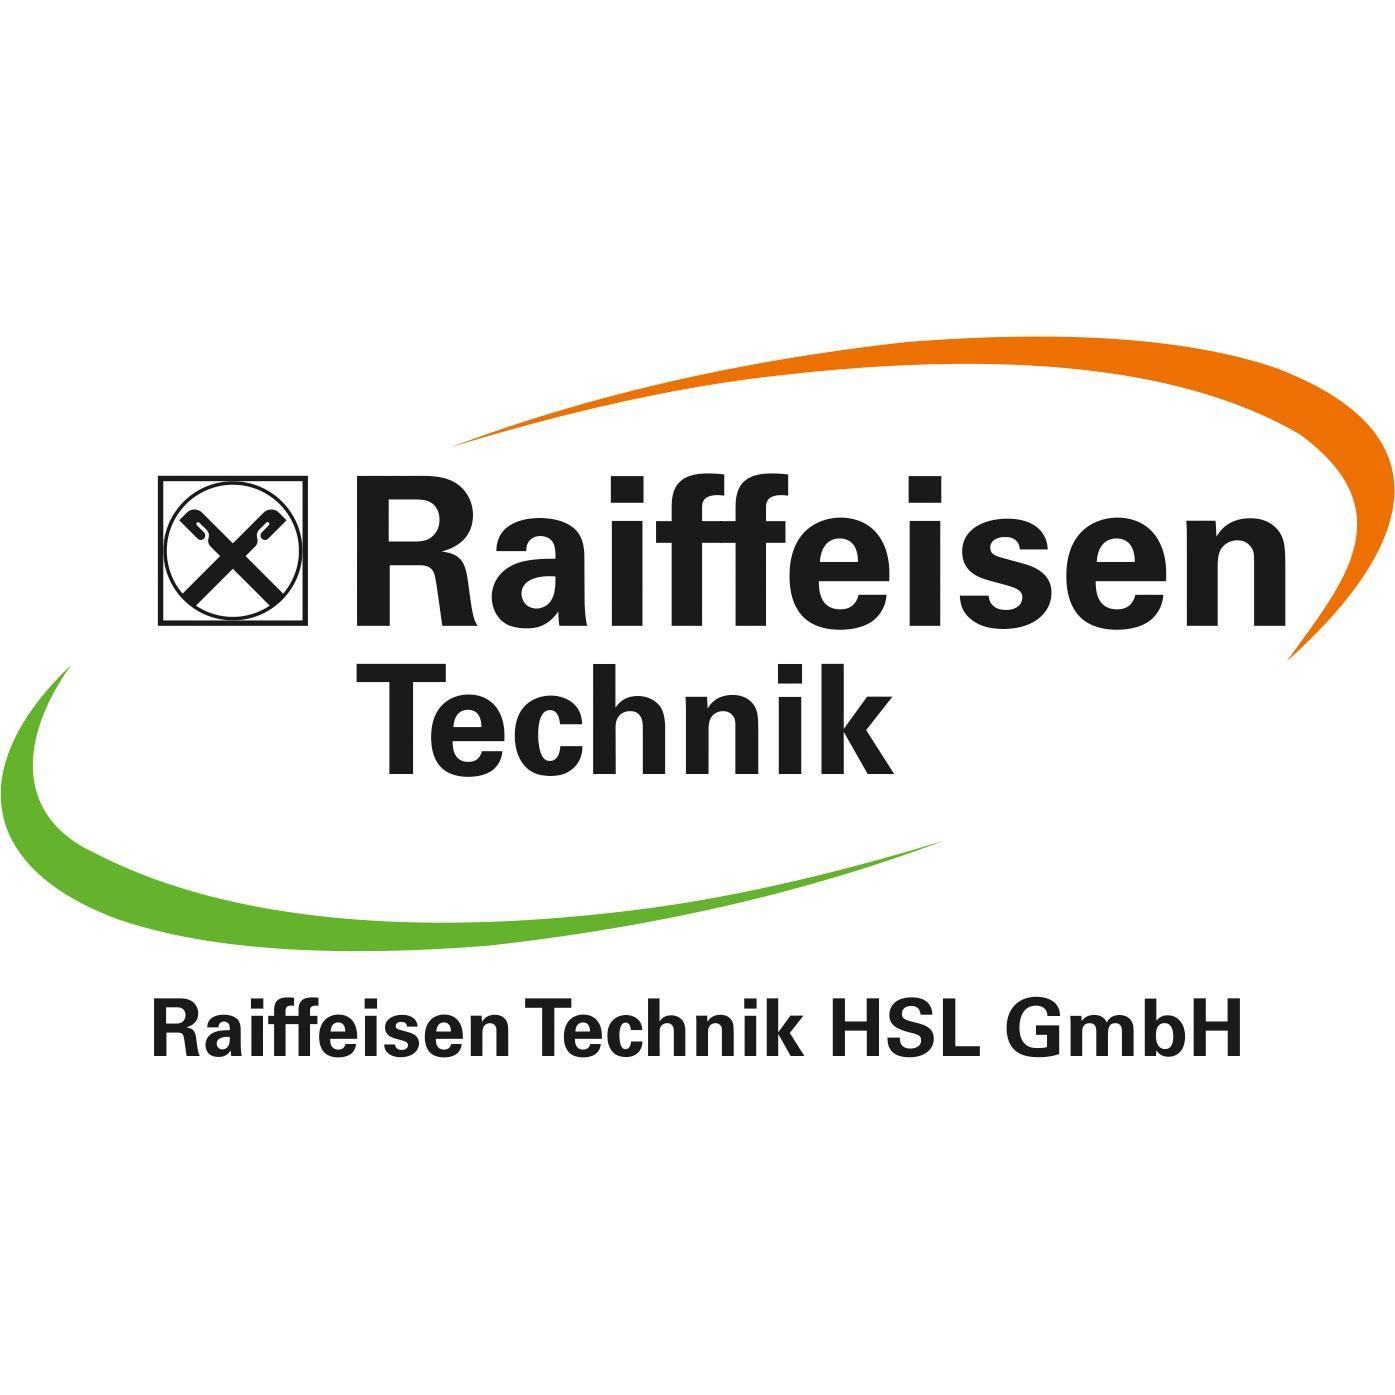 Raiffeisen Technik HSL GmbH